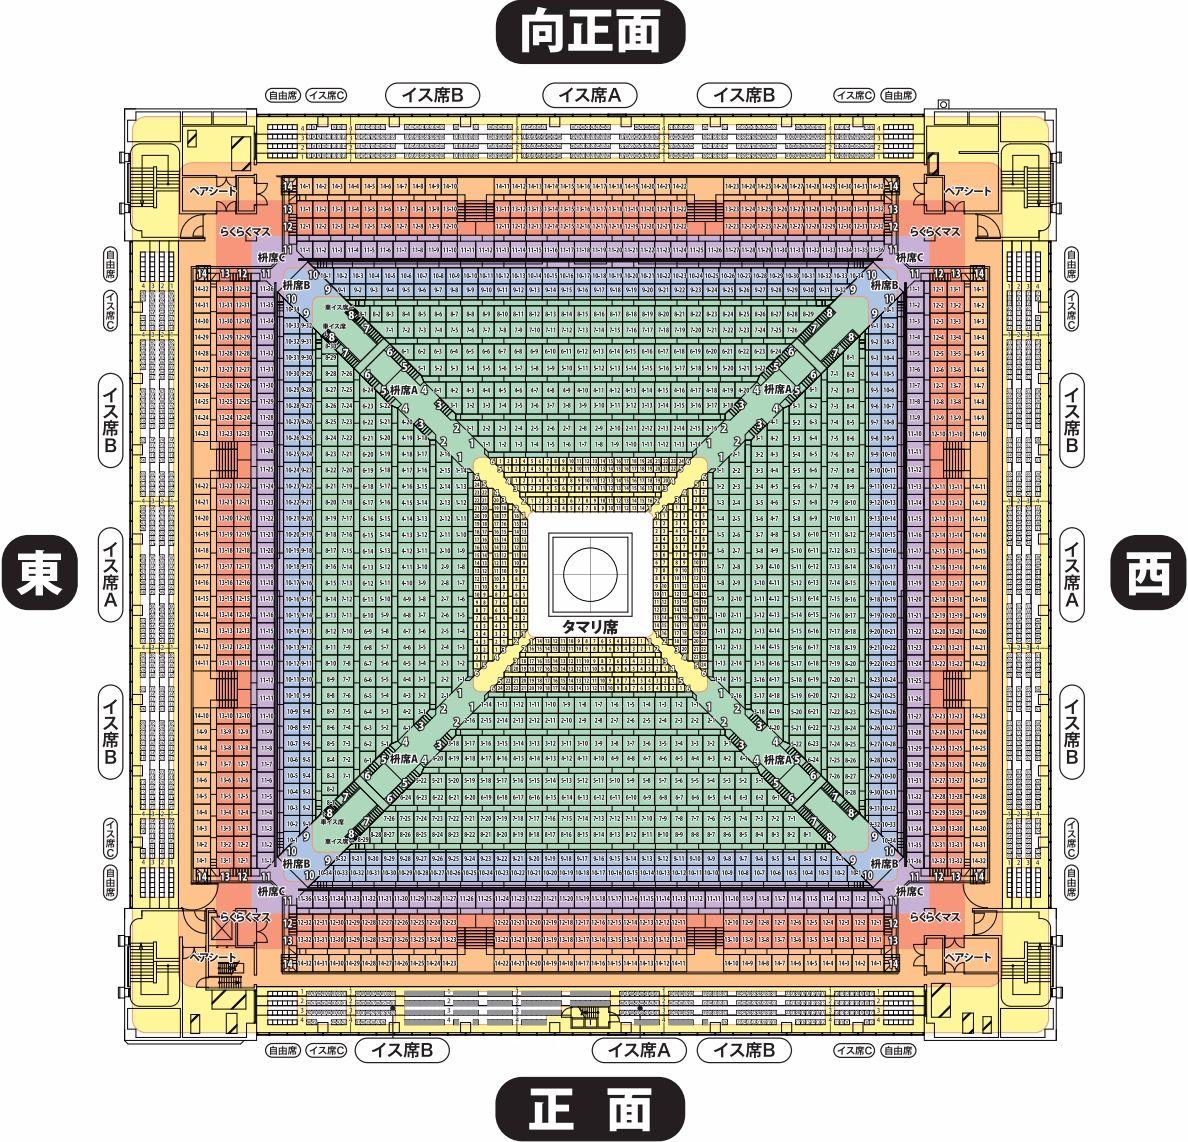 大相撲九州場所 座席表